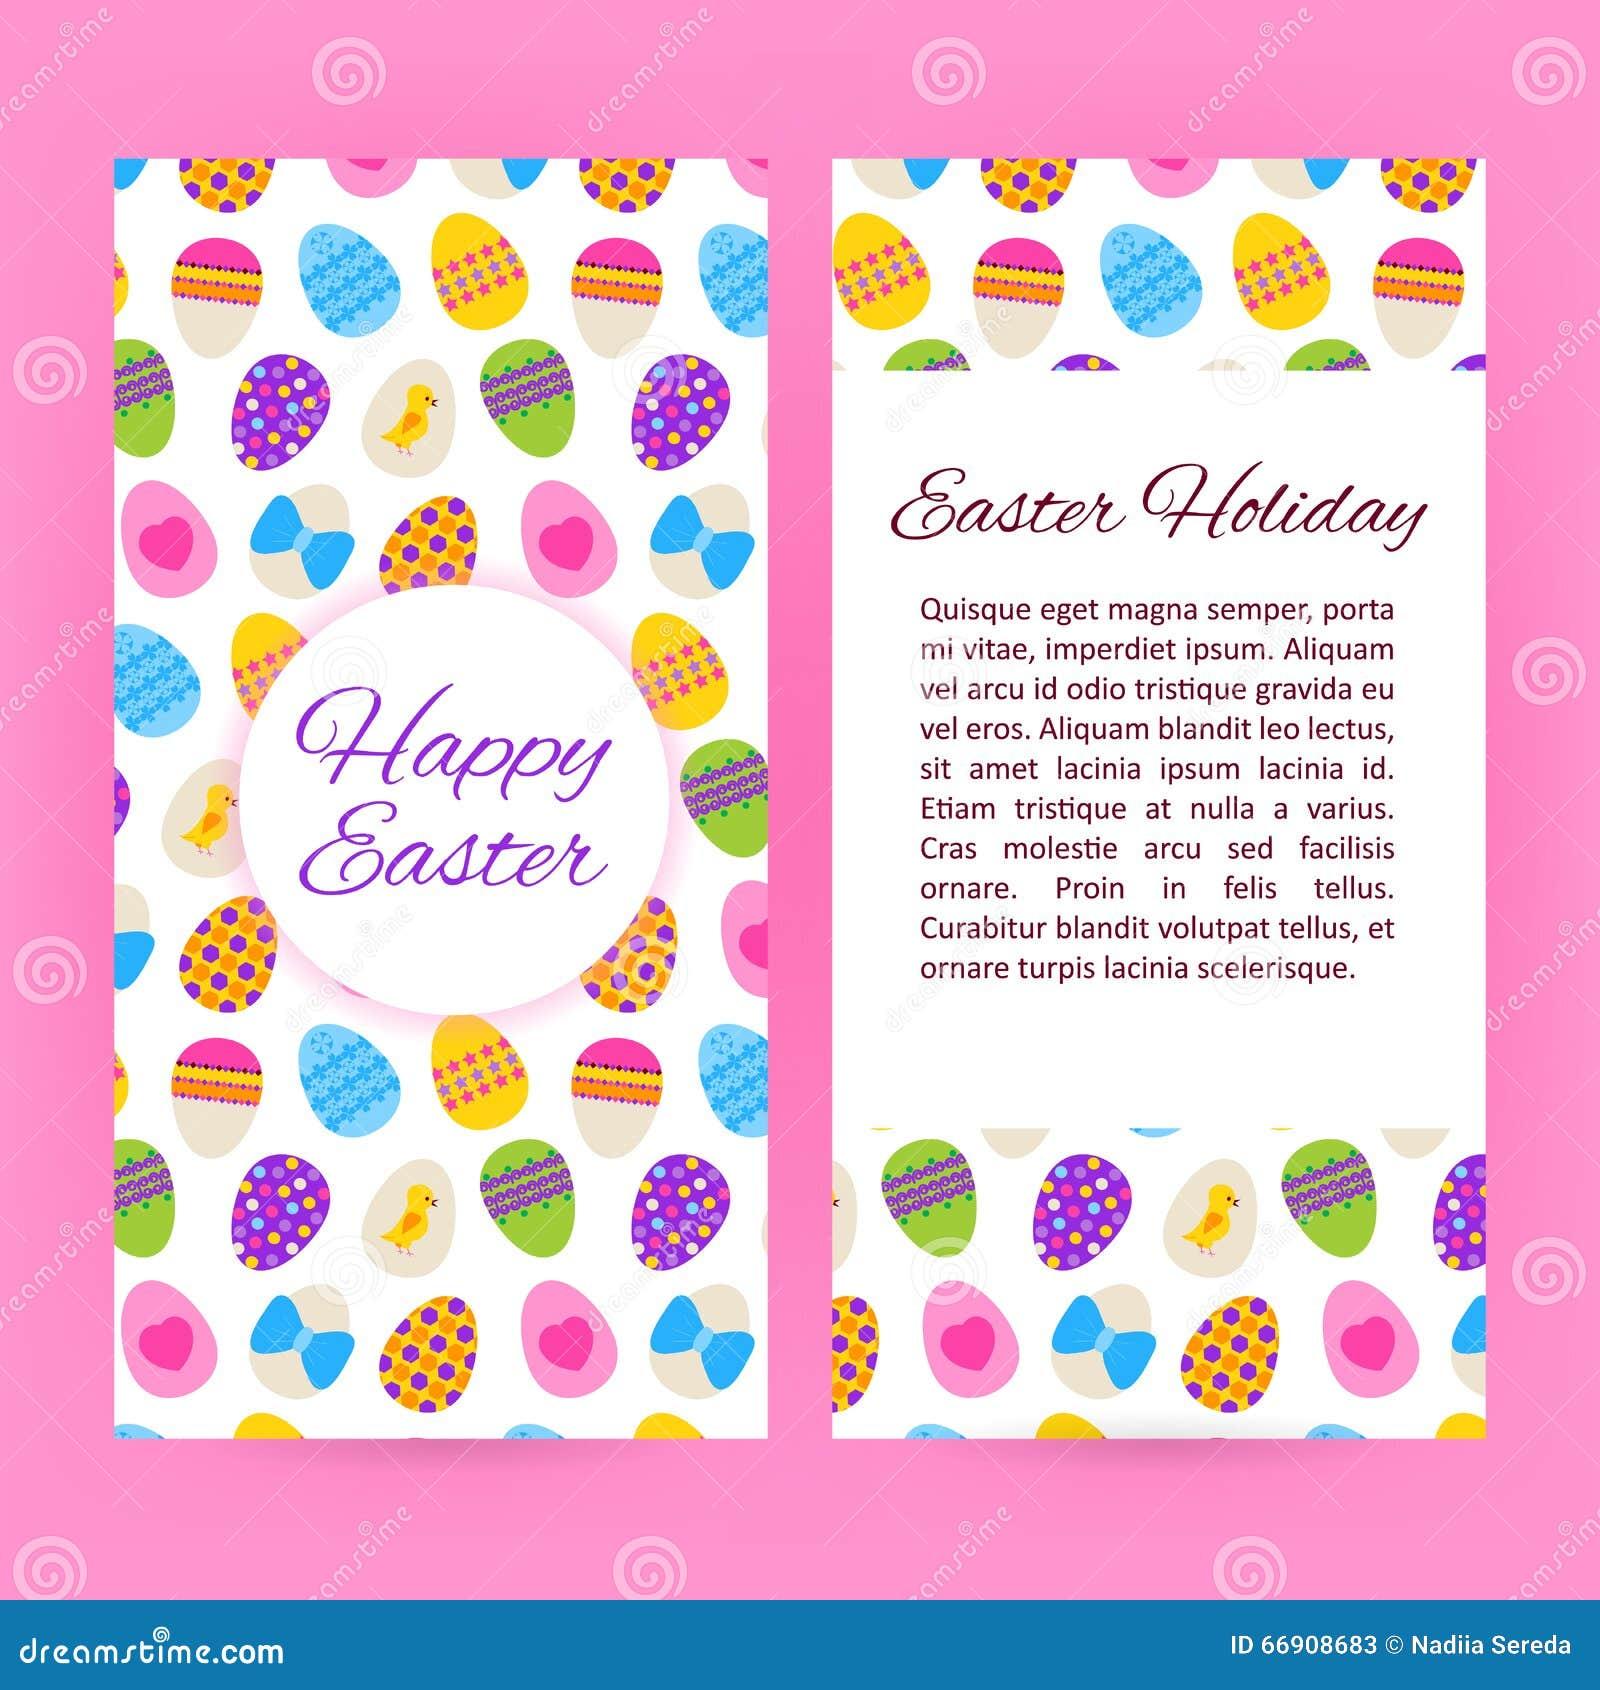 Happy Easter Flyer Brochure Template Vector Image 66908683 – Easter Brochure Template